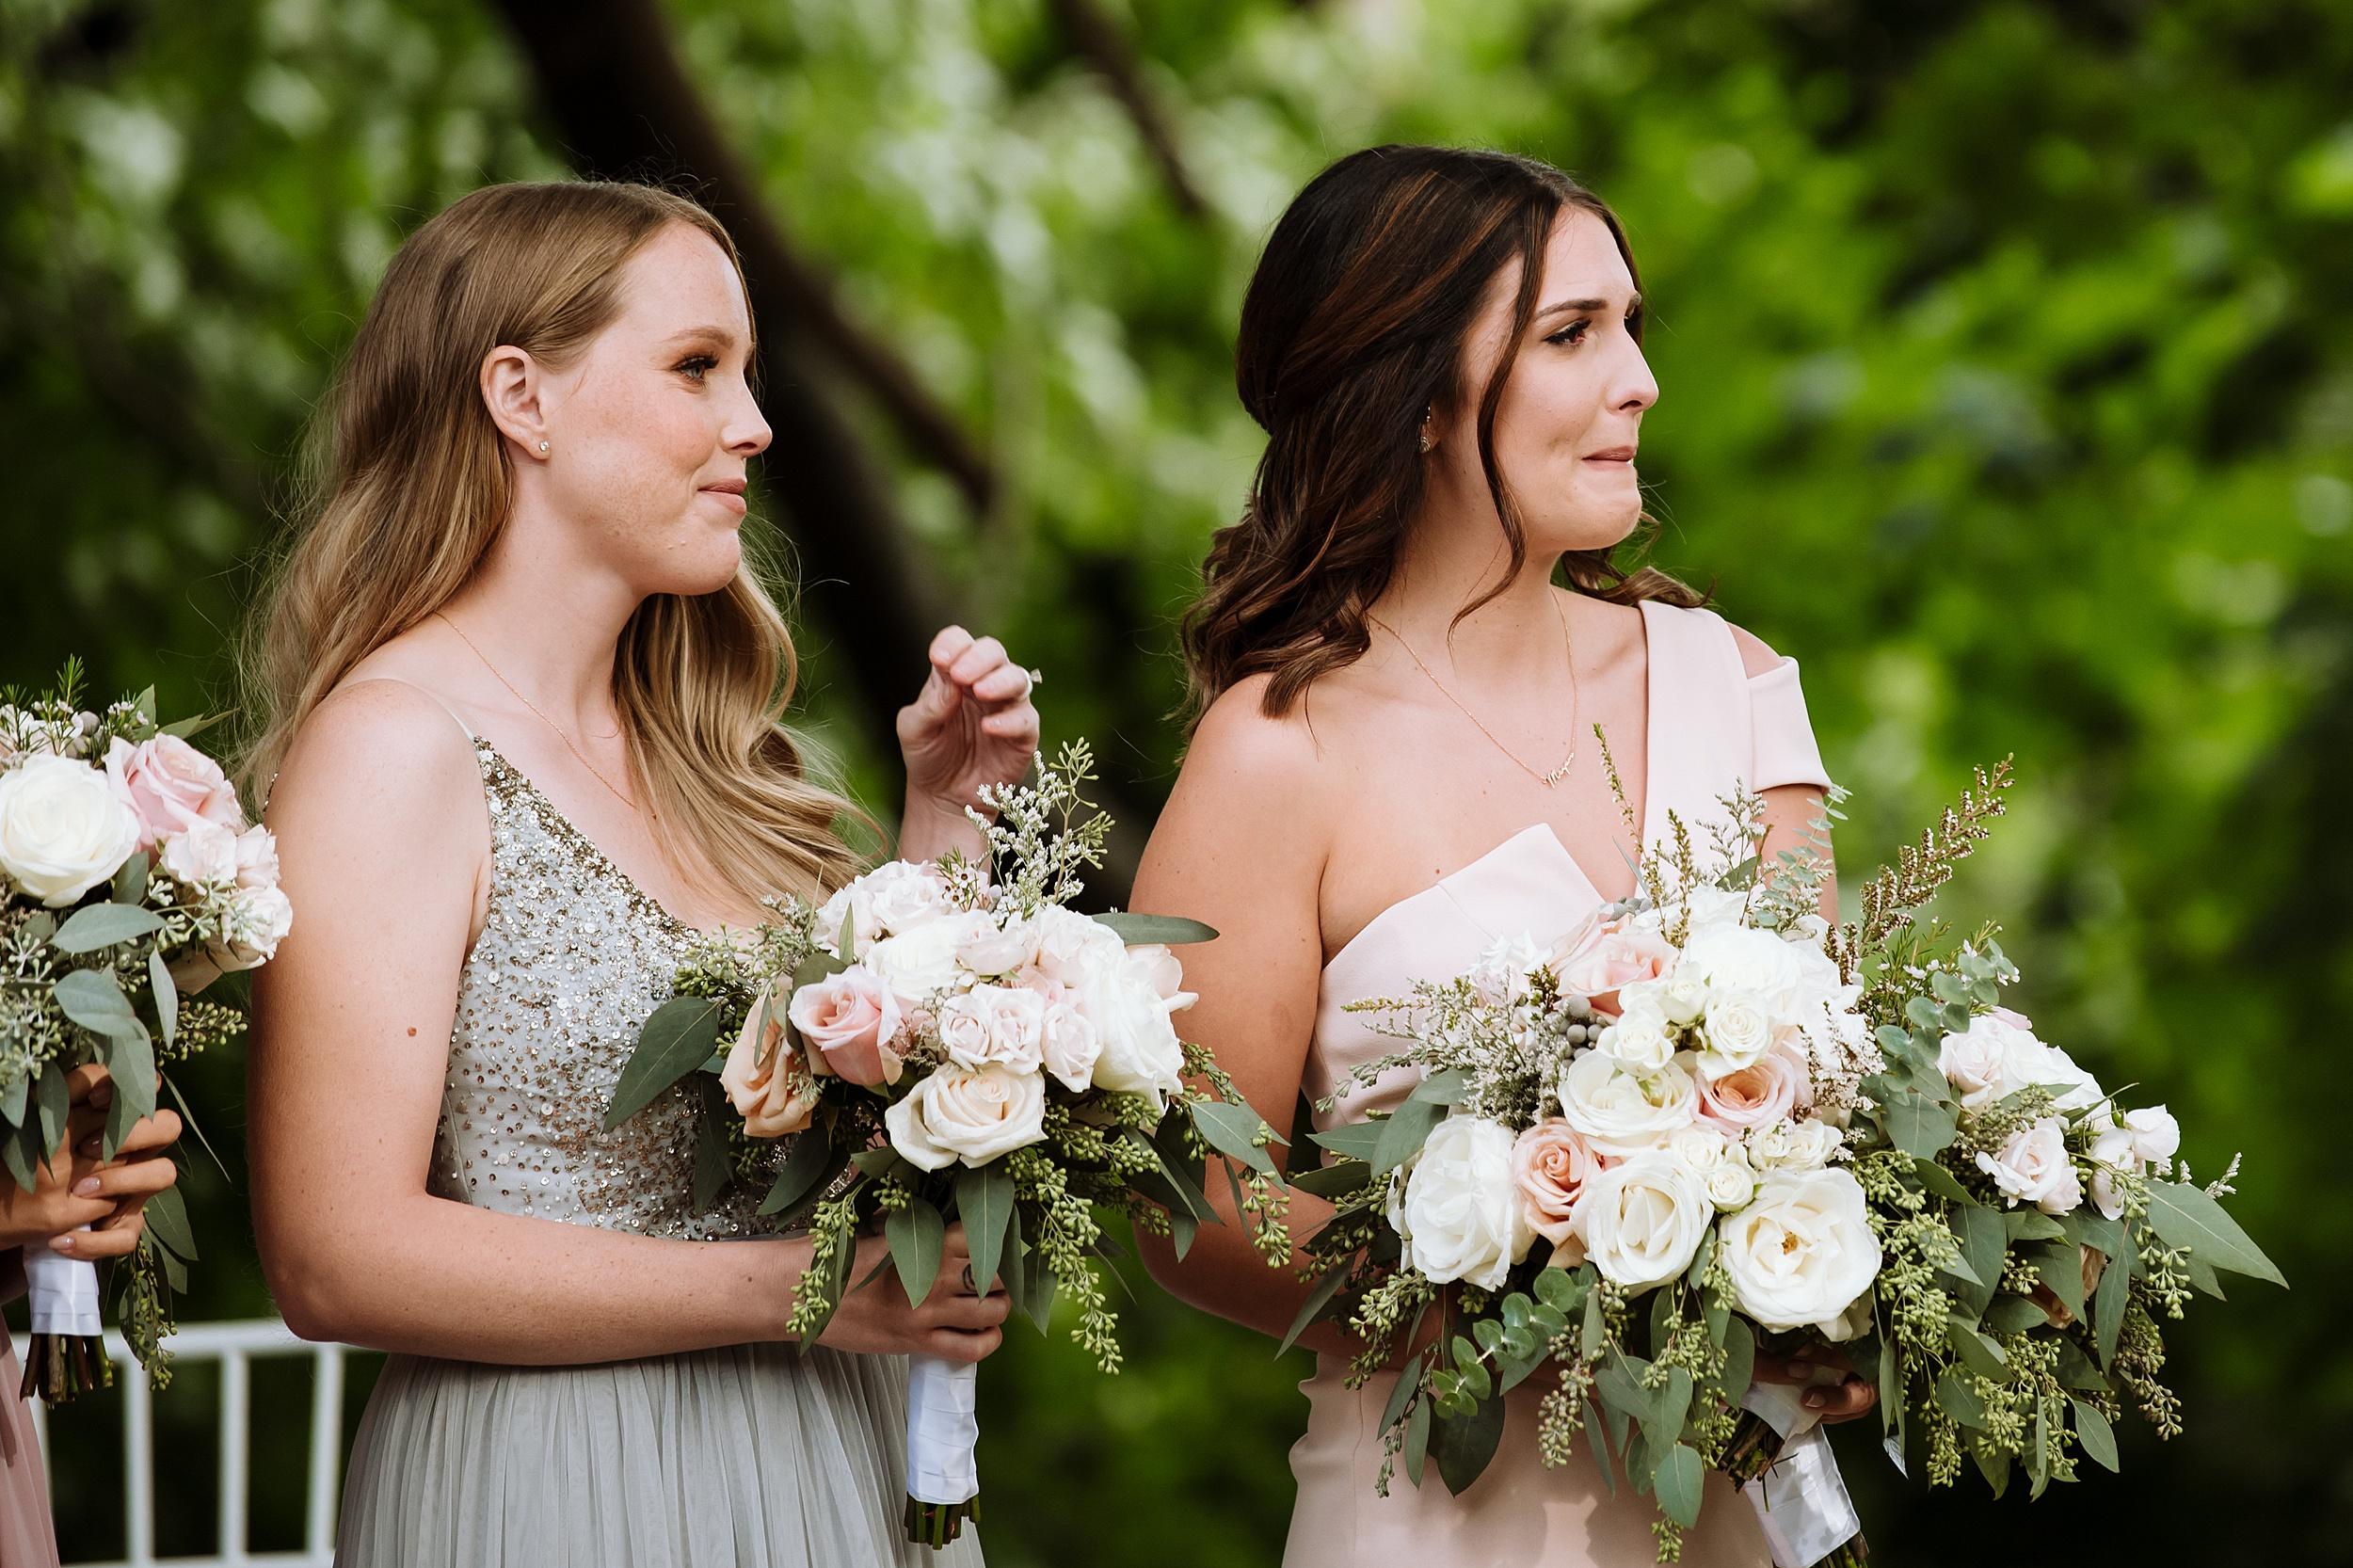 Rustic_Backyard_Wedding_Toronto_Photographer105.jpg